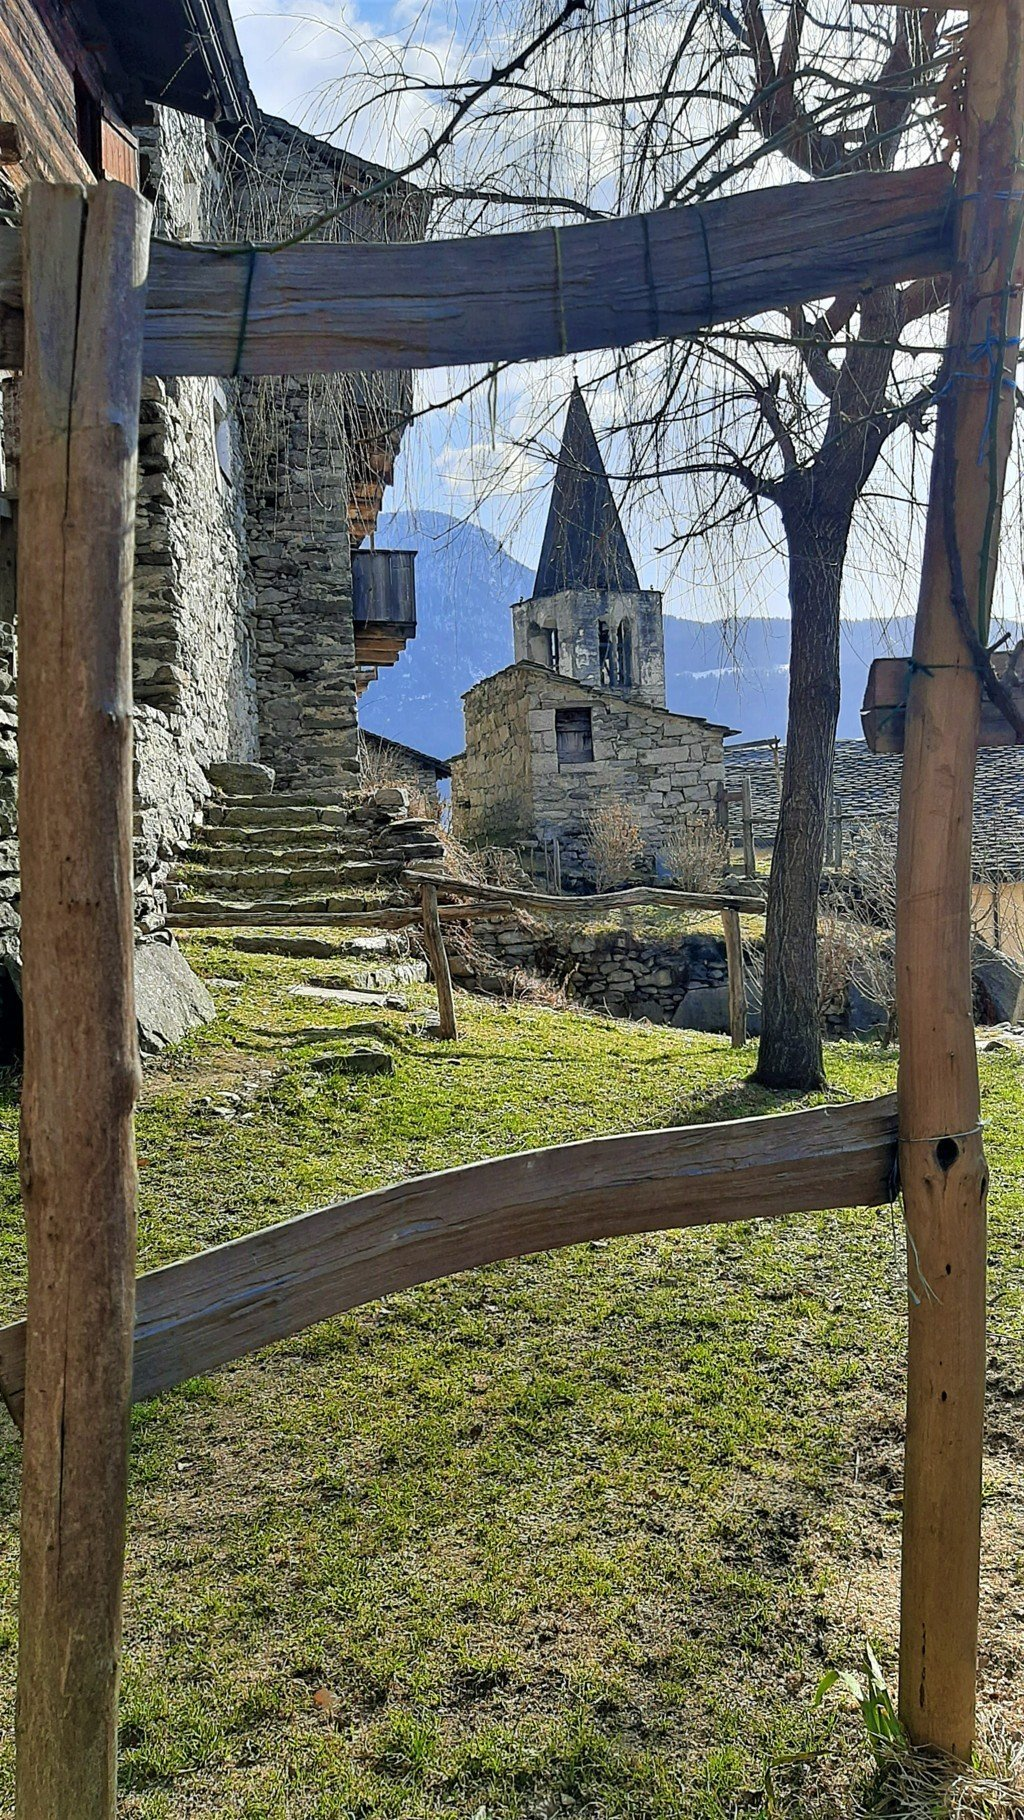 Sito storico di Savogno in Valchiavenna